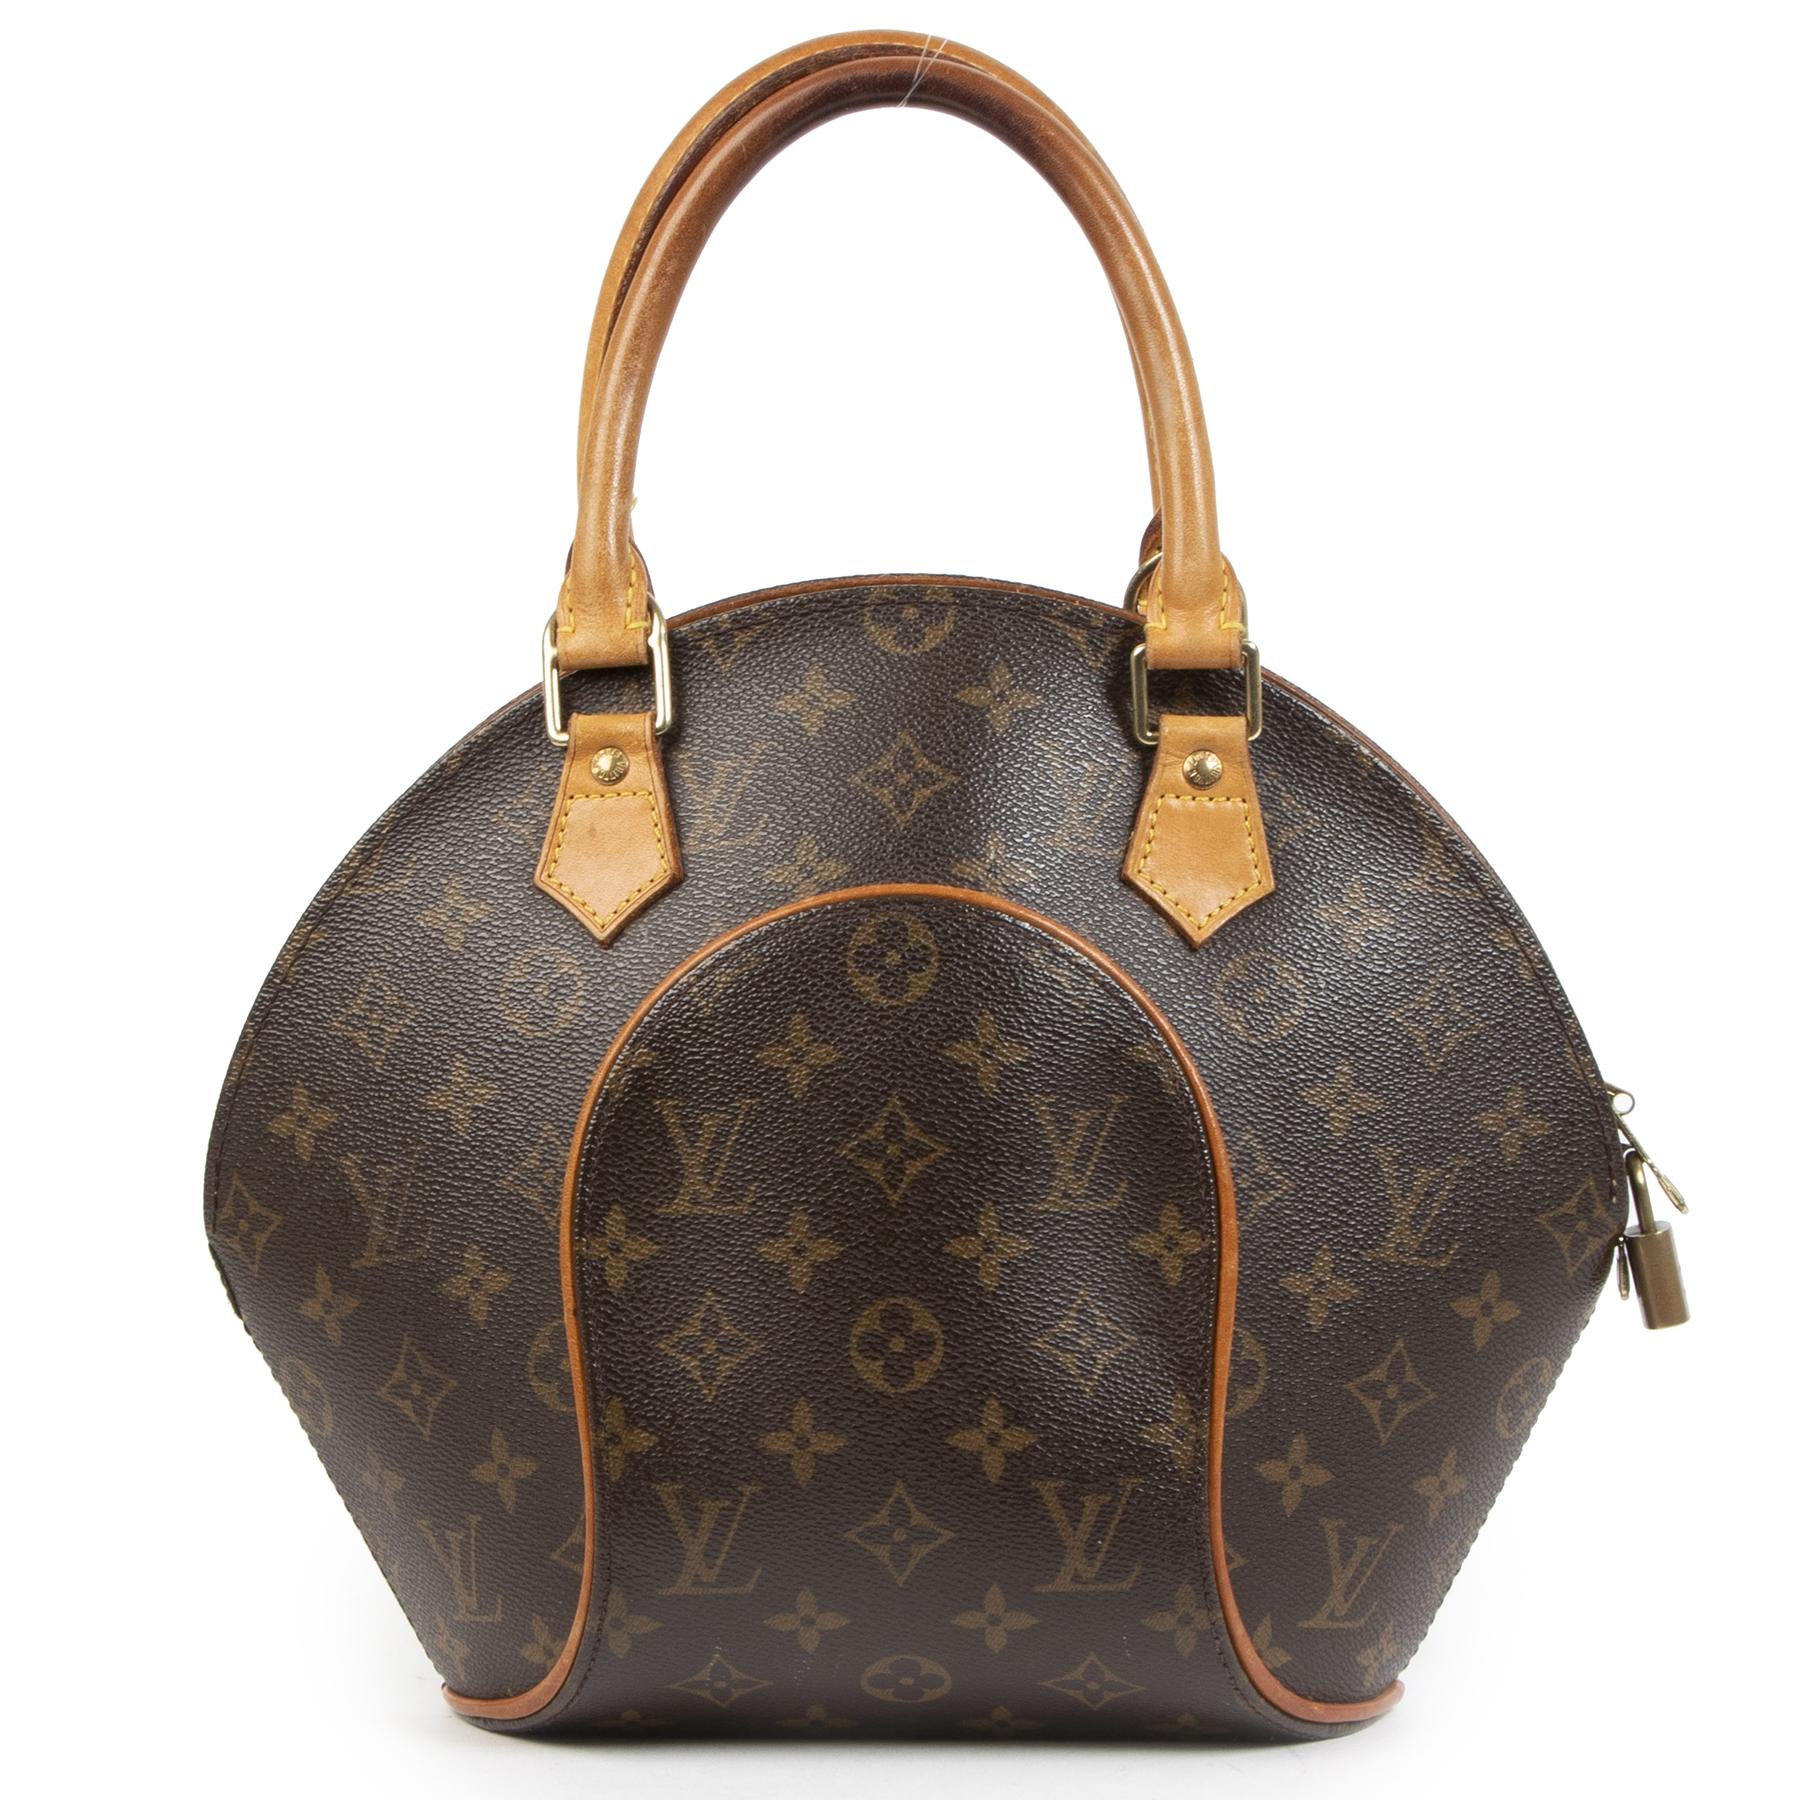 Authentieke Tweedehands Louis Vuitton Monogram Ellipse PM Bag juiste prijs veilig online shoppen luxe merken webshop winkelen Antwerpen België mode fashion